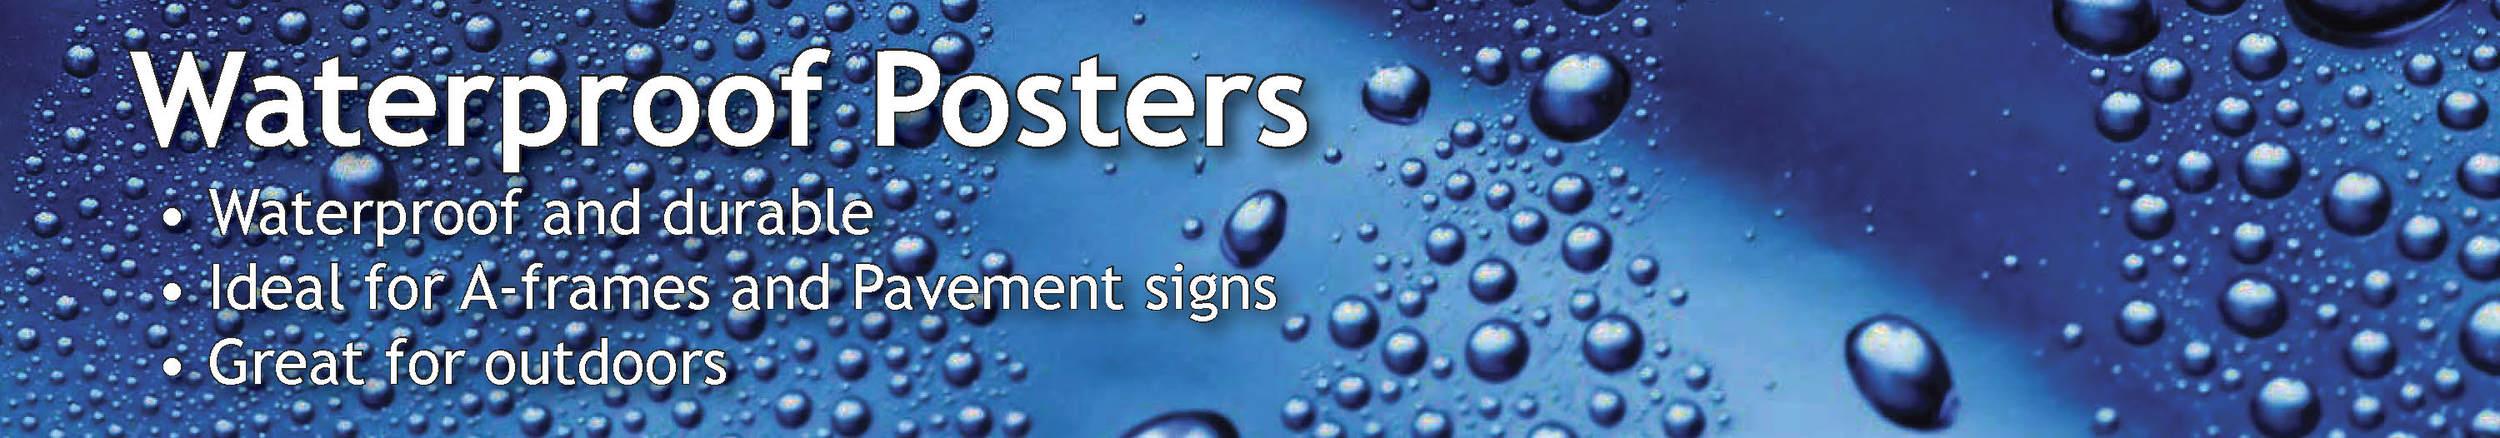 Waterproof posters.jpg